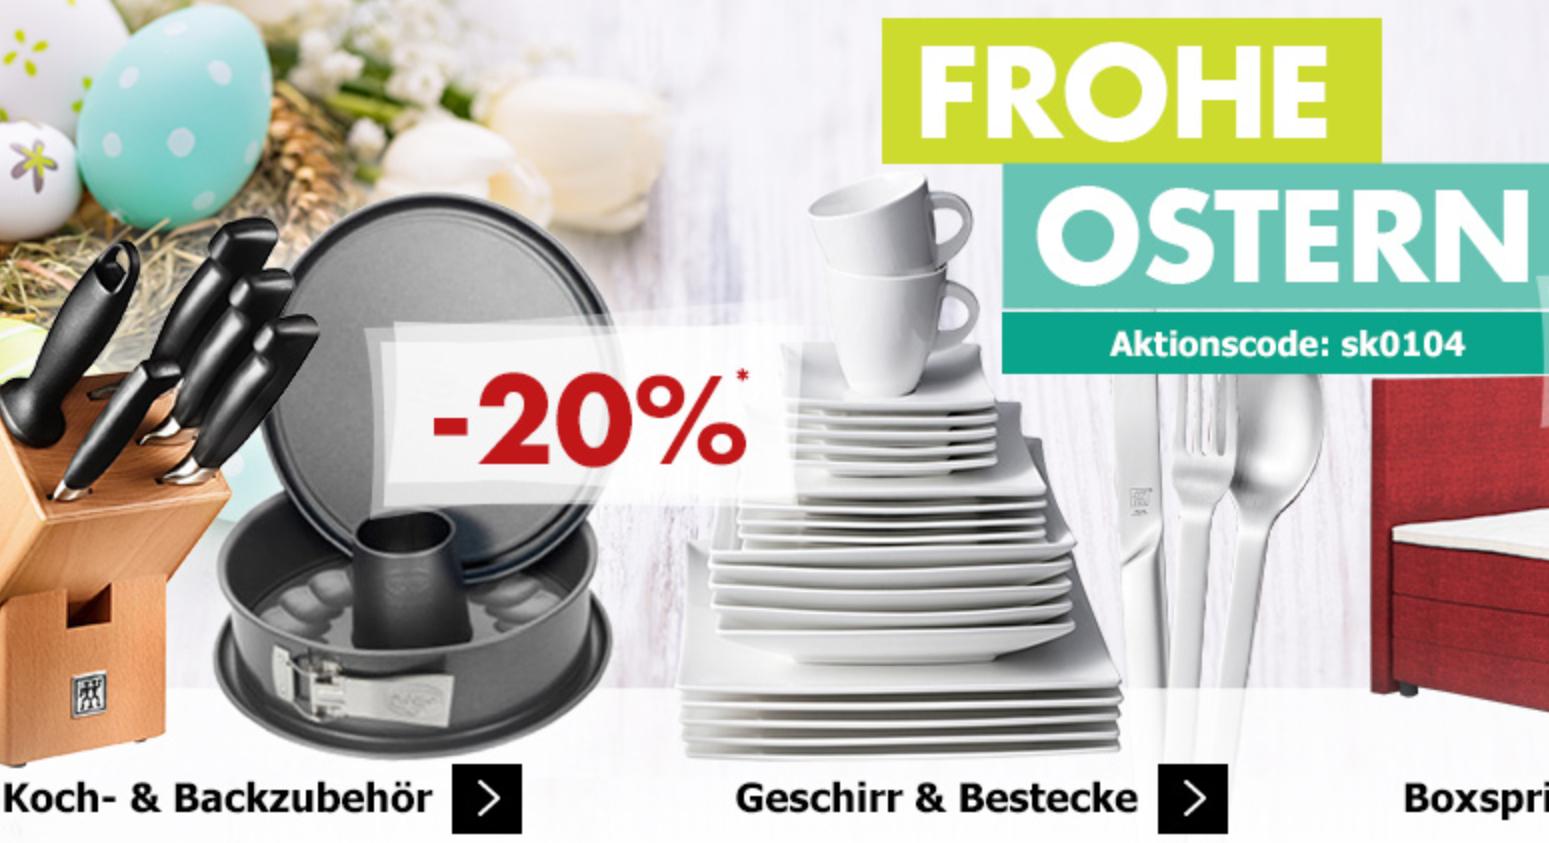 Osterfest bei Karstadt, 20% auf viele Artikel siehe Beschreibung! Versandkostenfrei ab 20€! 15€ Newslettergutschein! Shoop nicht vergessen!